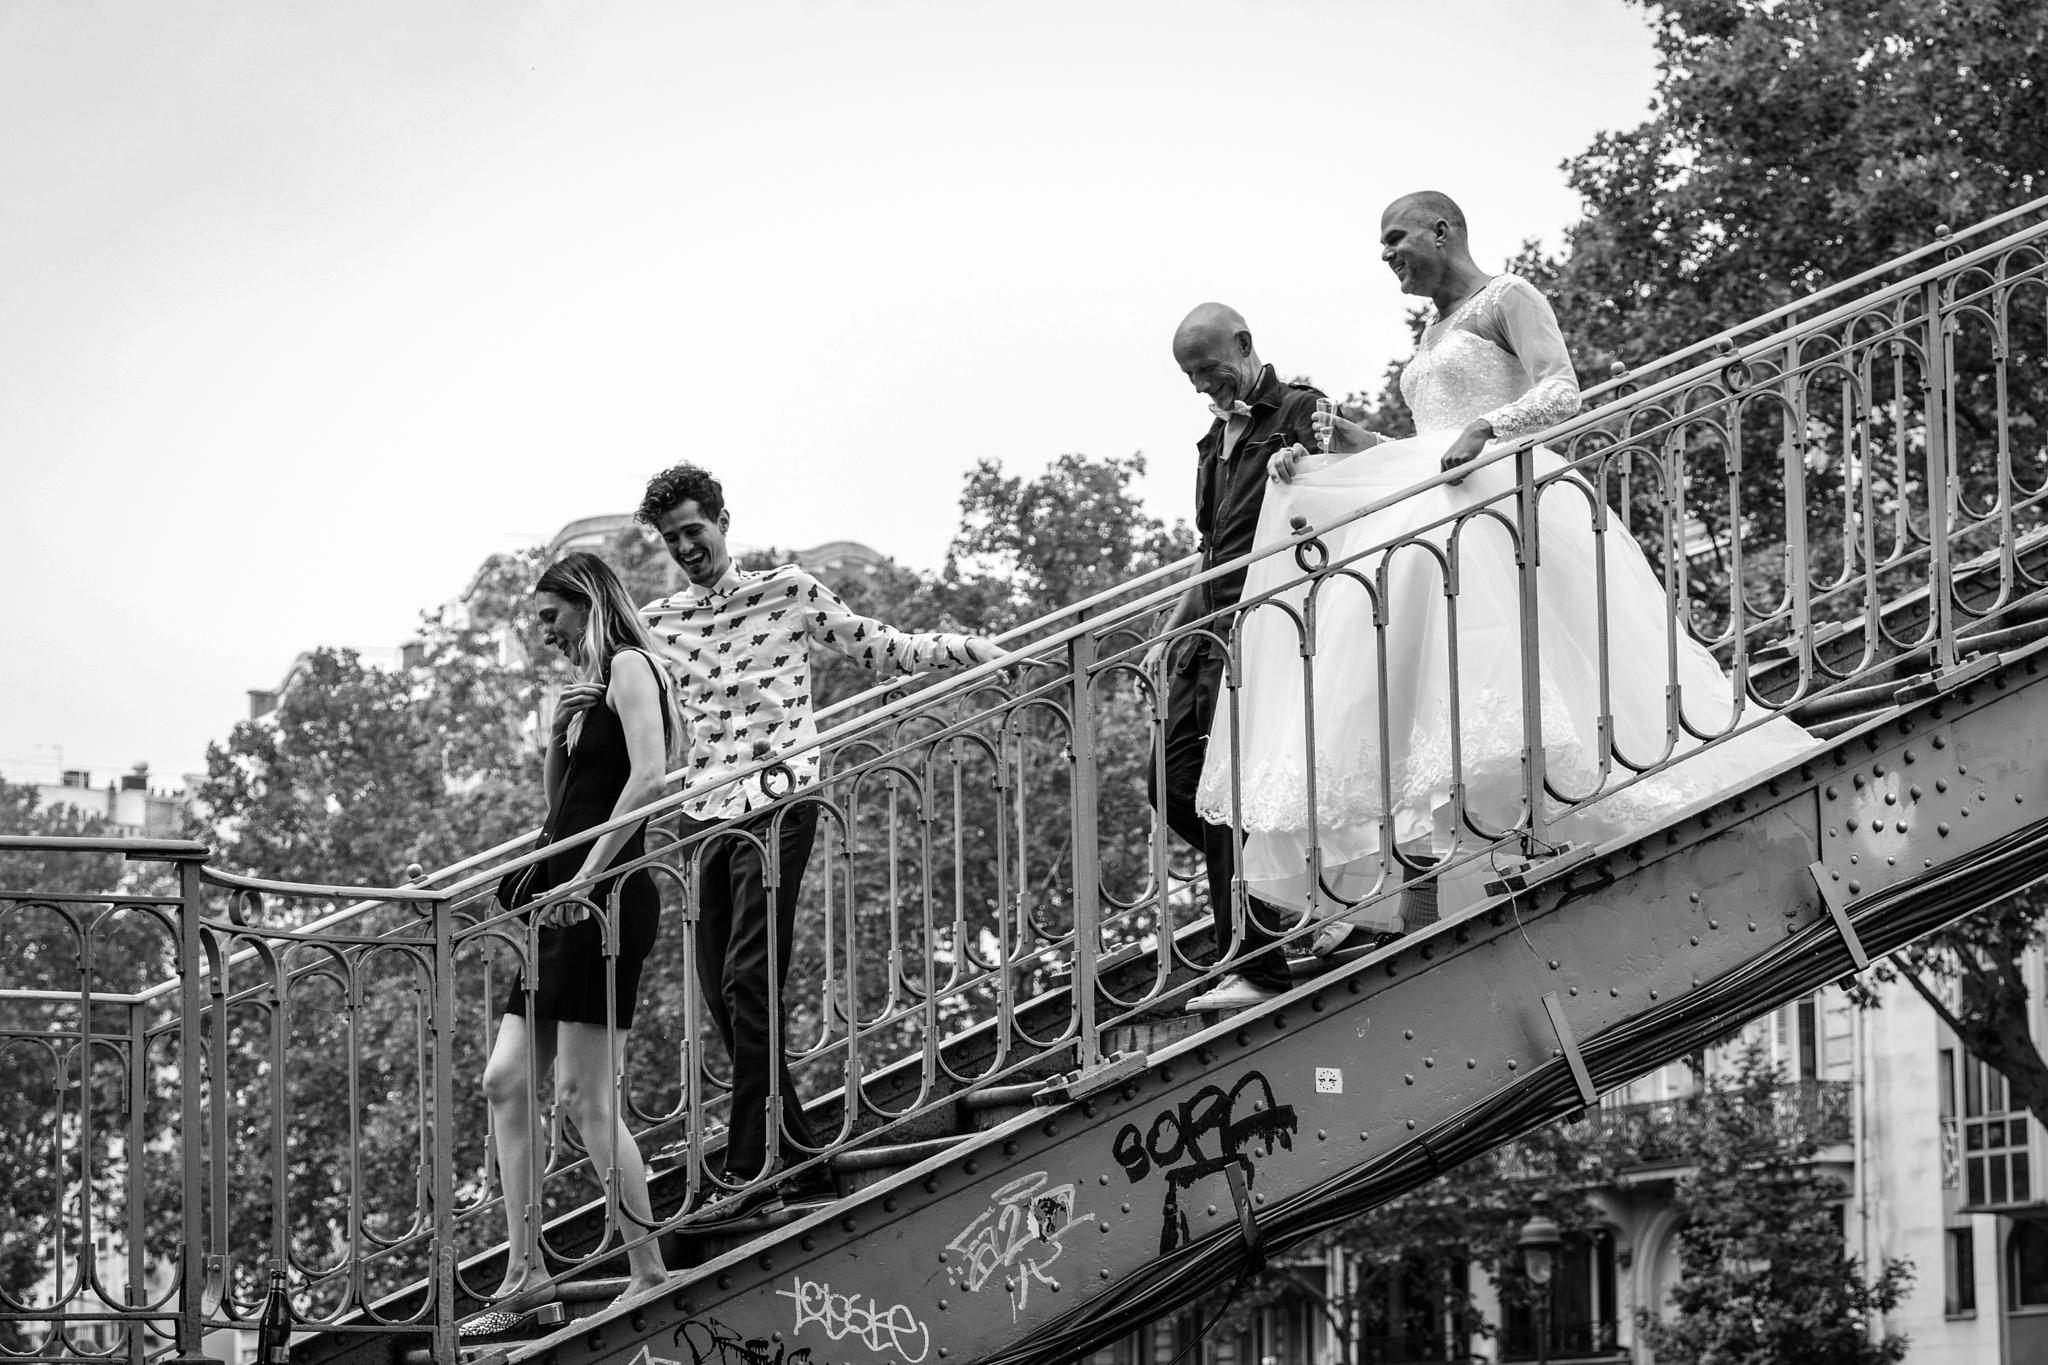 Paris, Leica SL 601, Vario Elmarit 24-90 und Noctilux 50mm 1.0